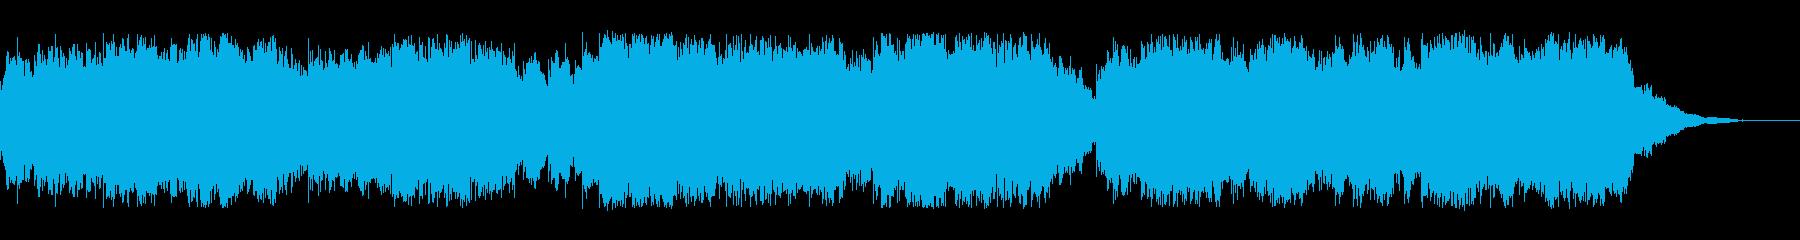 可愛い勇ましいオルゴールの曲の再生済みの波形